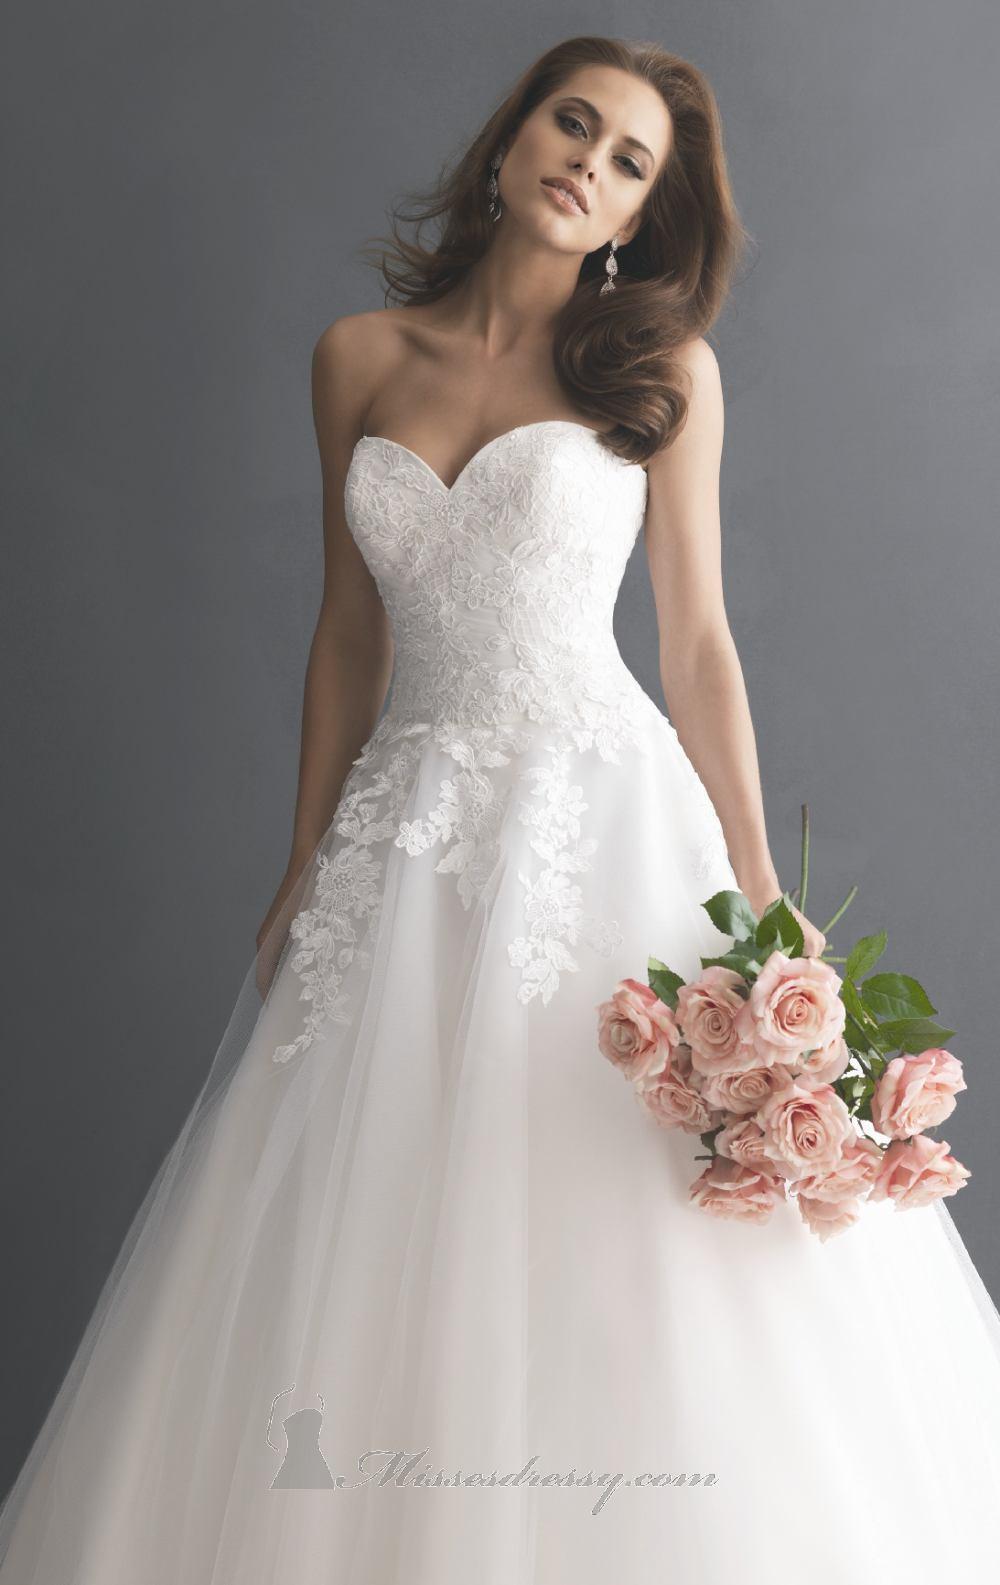 Svadobné šaty, čo sa mi páčia :) - Obrázok č. 397